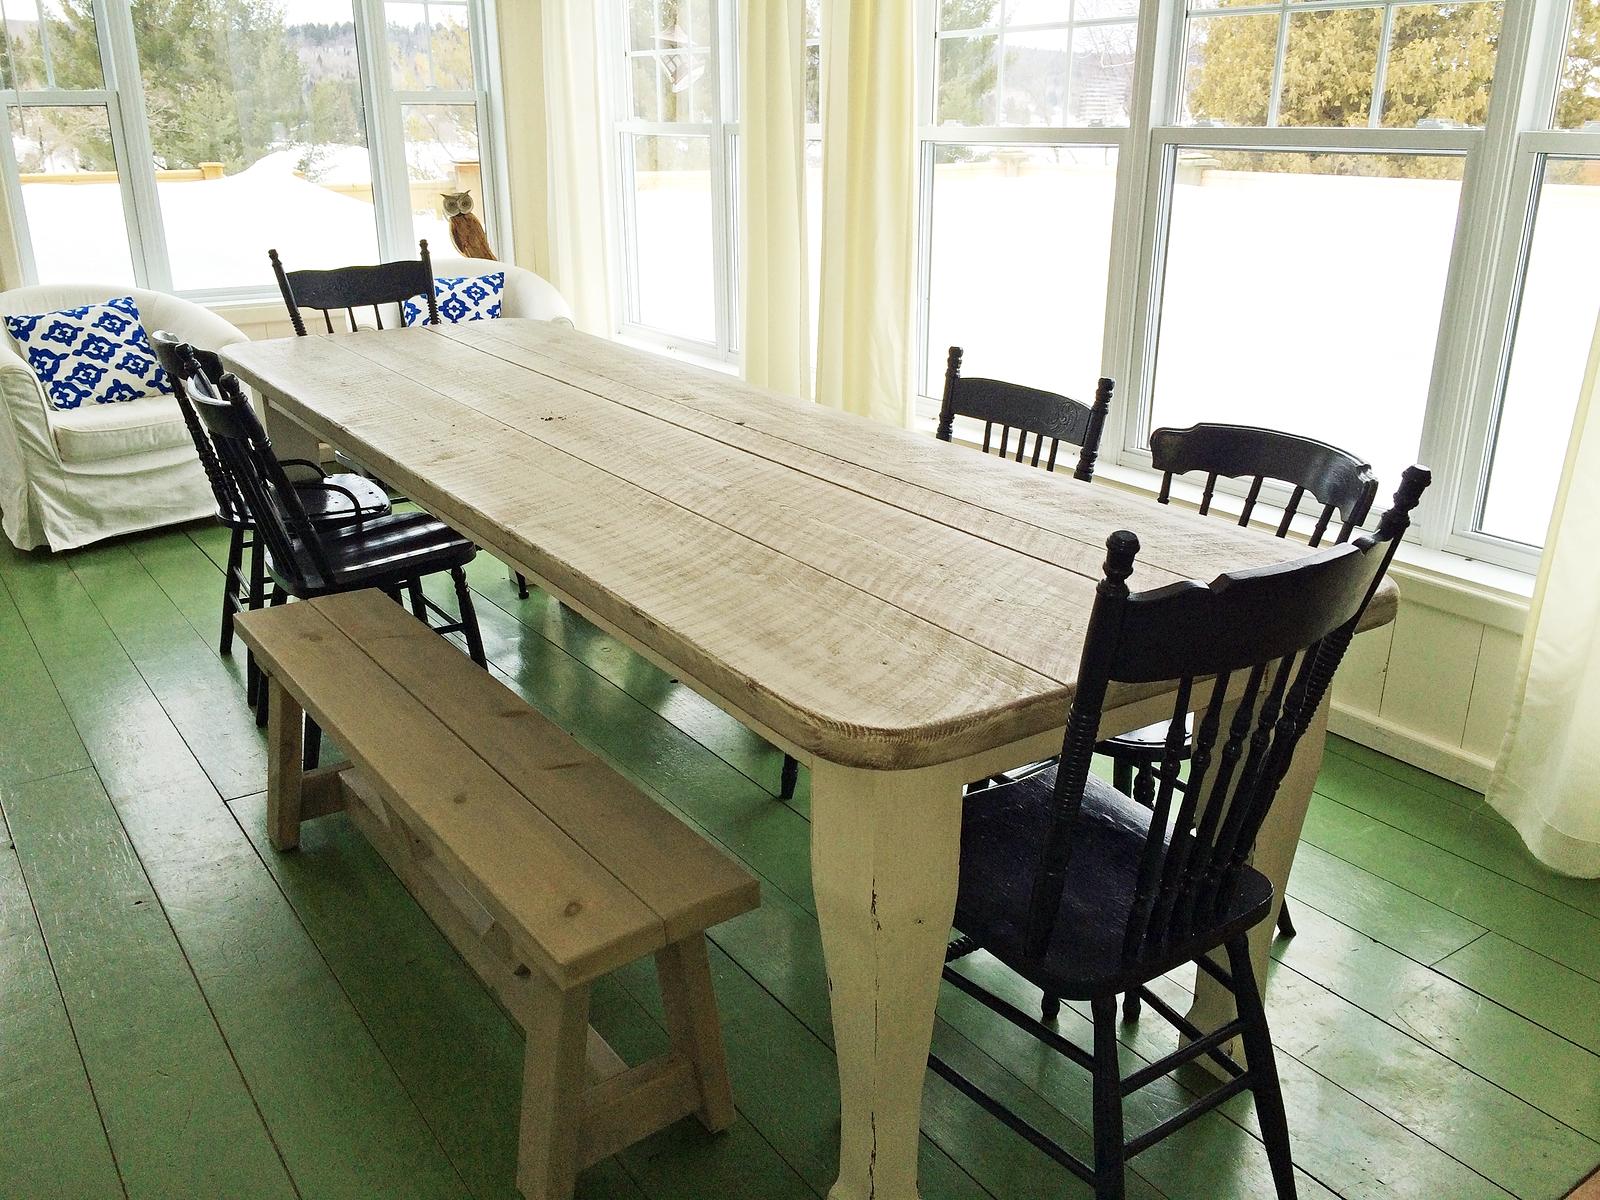 table sur mesure-salle a manger-cuisine-antique-lanaudiere - Table De Cuisine Sur Mesure